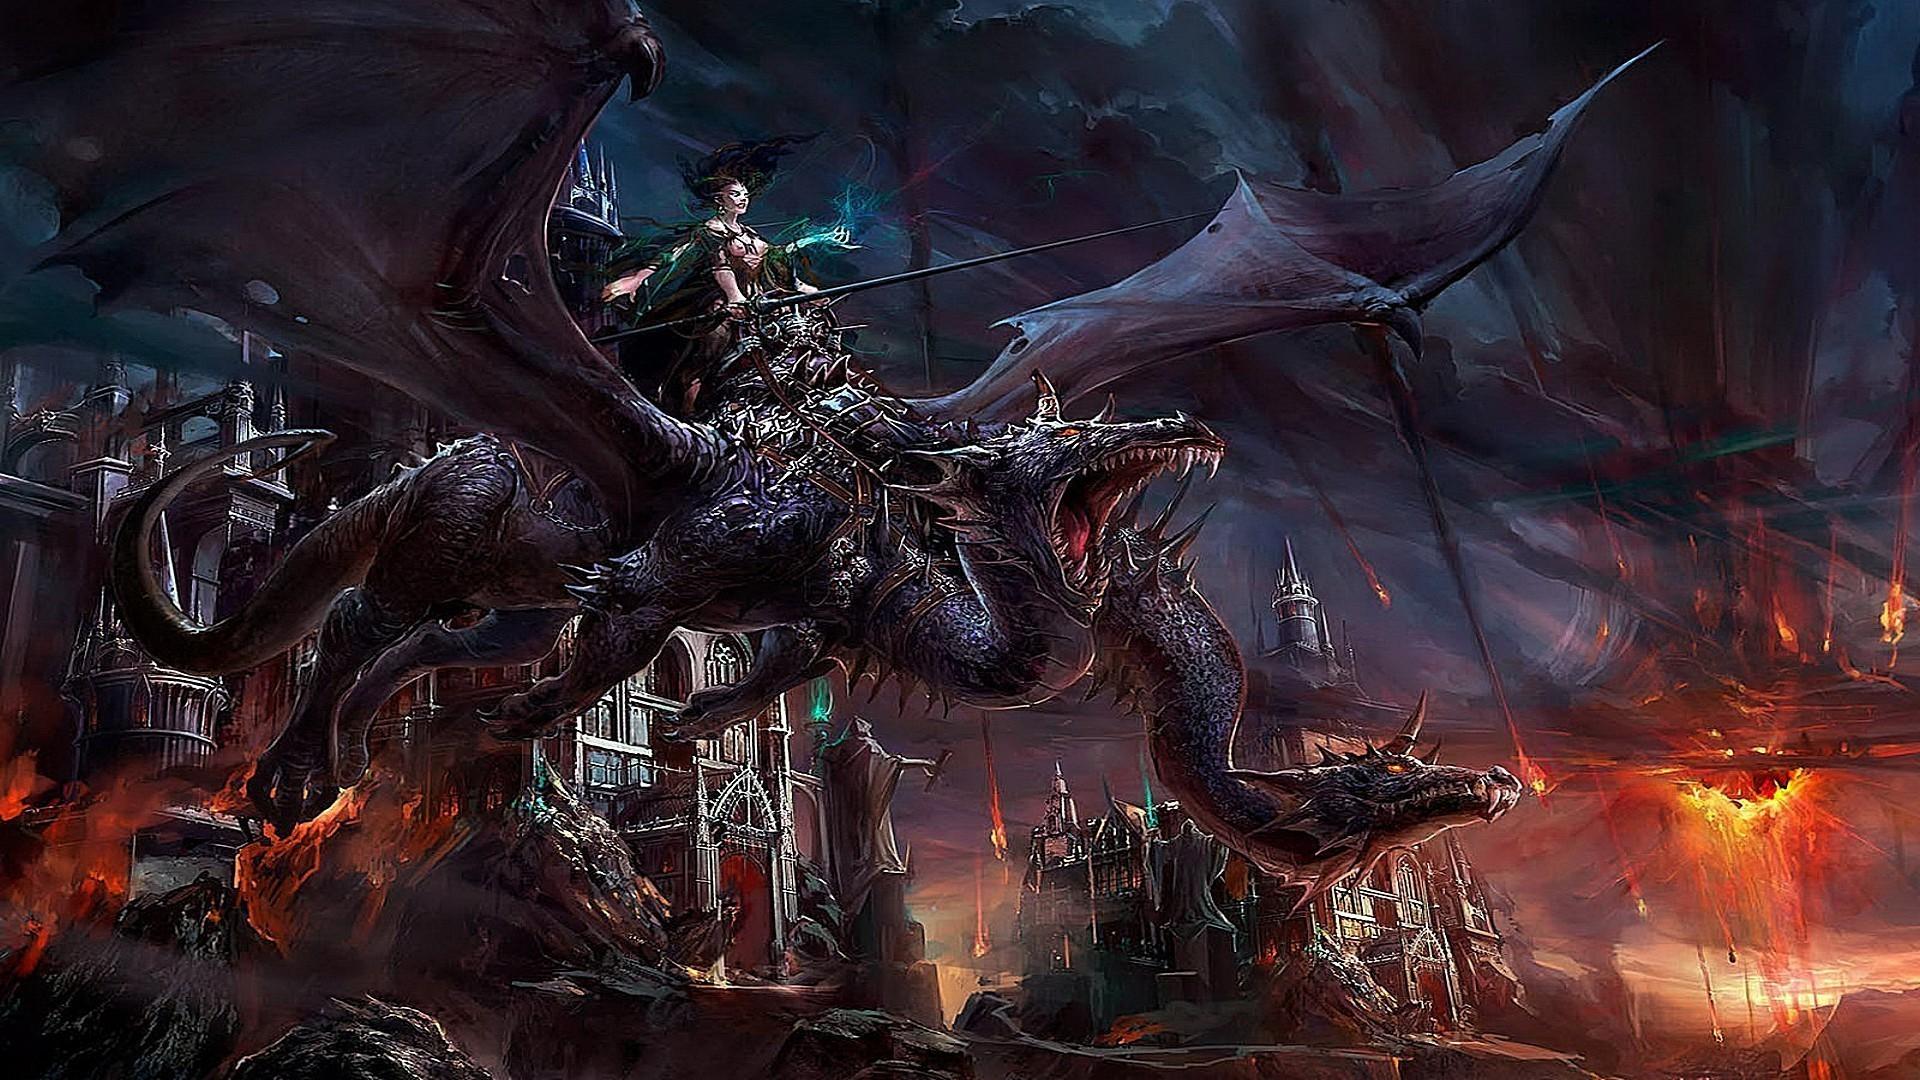 прикольные дракон в хорошем качестве